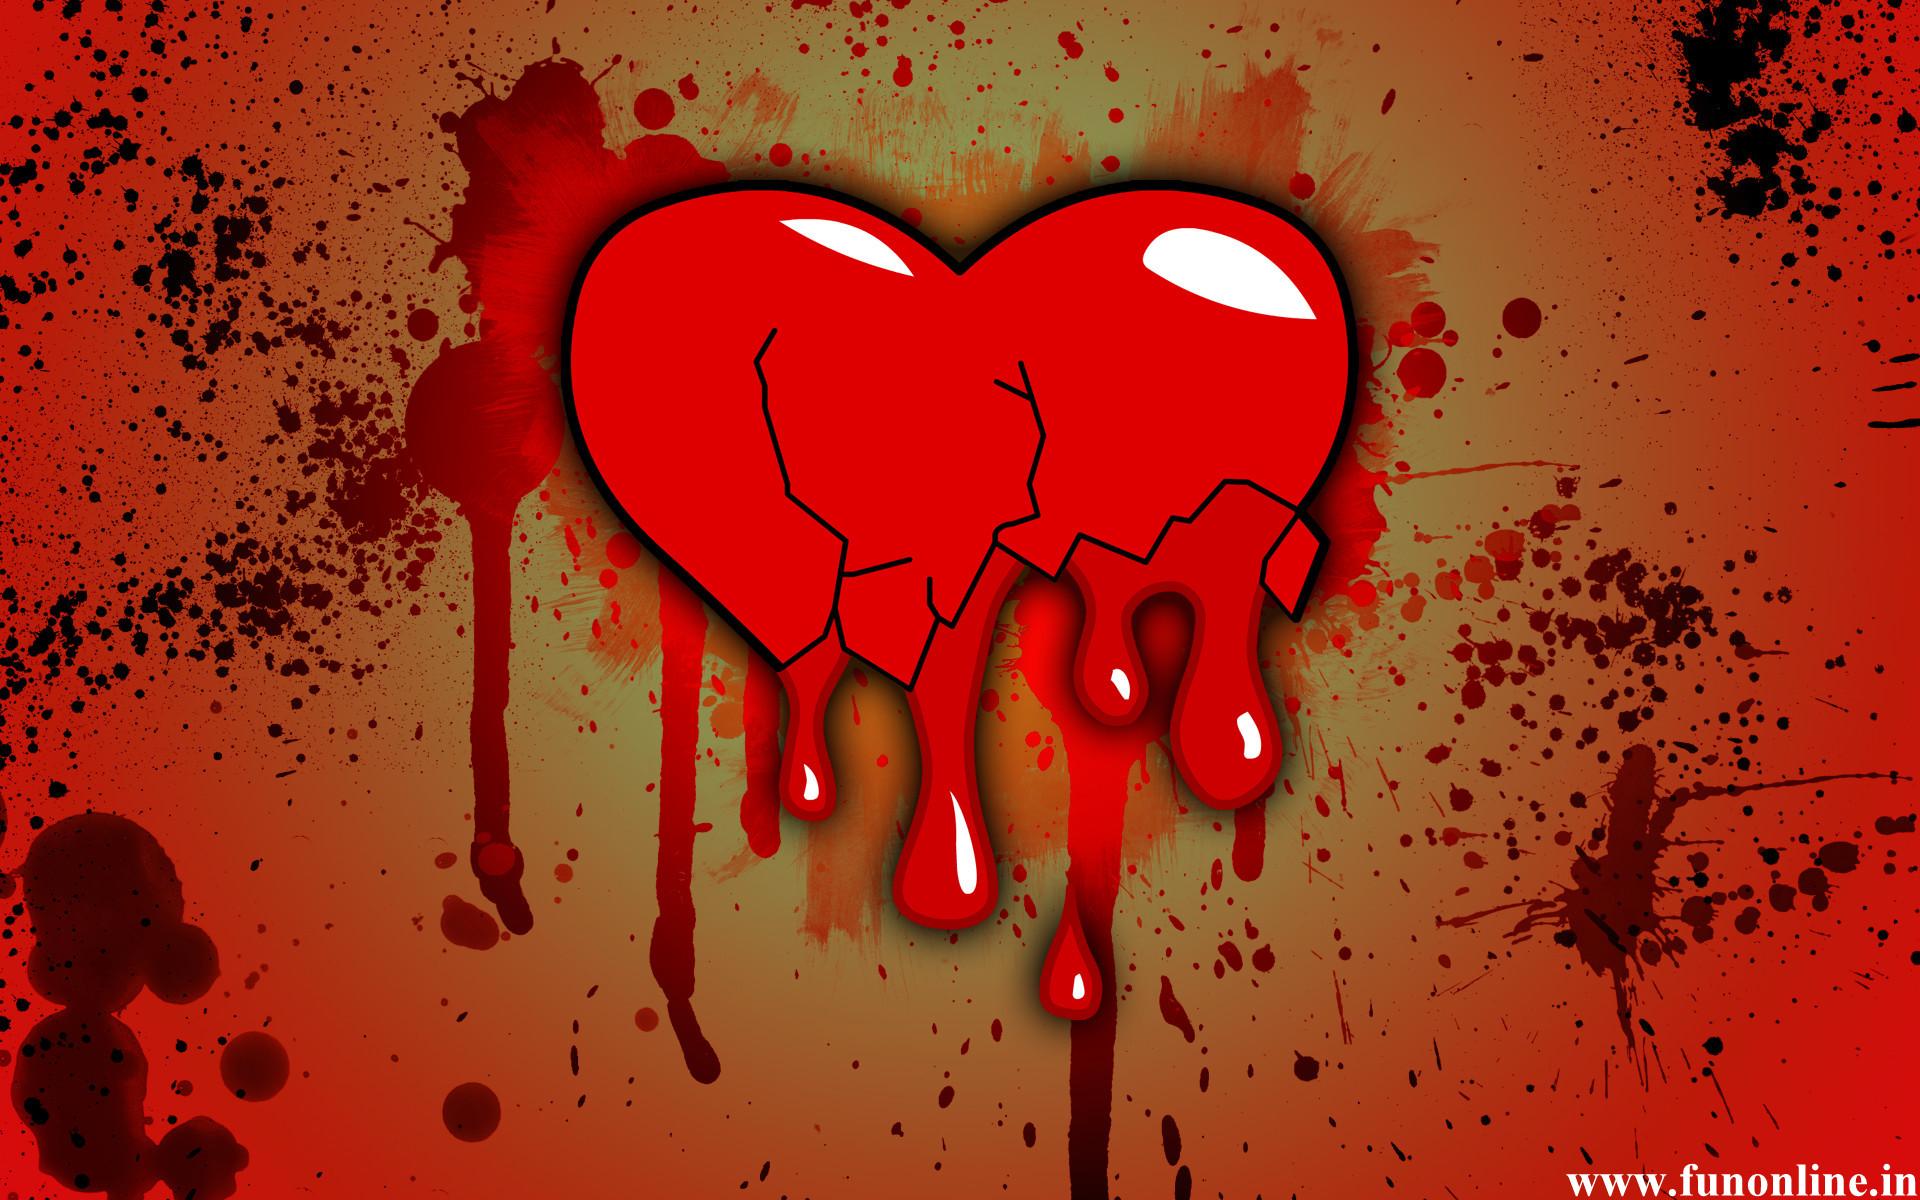 Broken Love Iphone Wallpaper : Broken Heart Wallpapers HD - WallpaperSafari